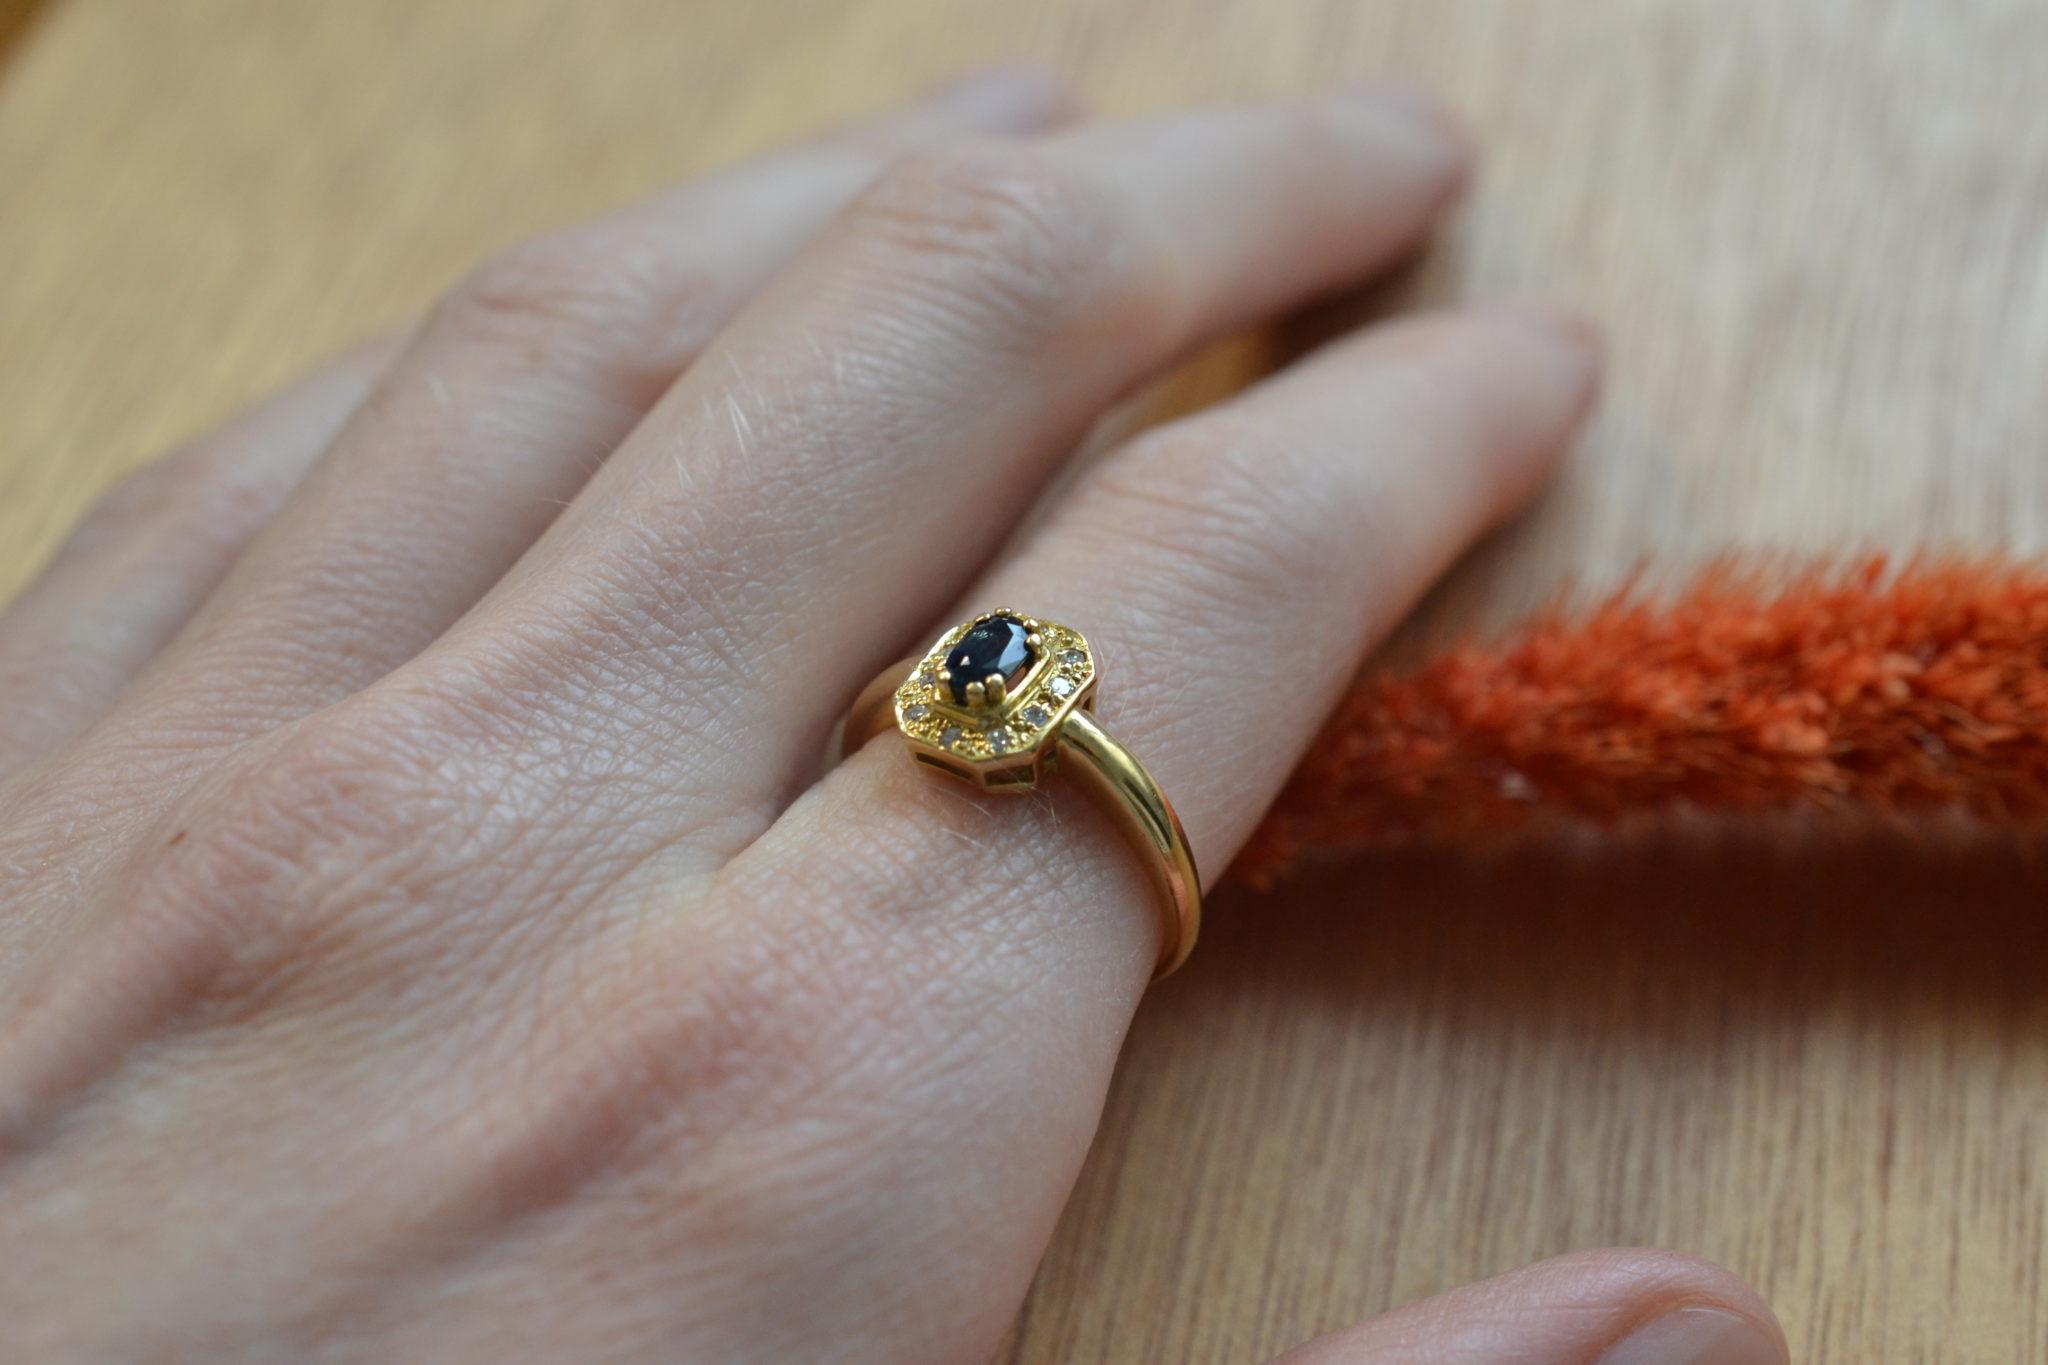 bague en Or massif hexagonale saphir et diamants bague vintage pour mariage zéro déchet